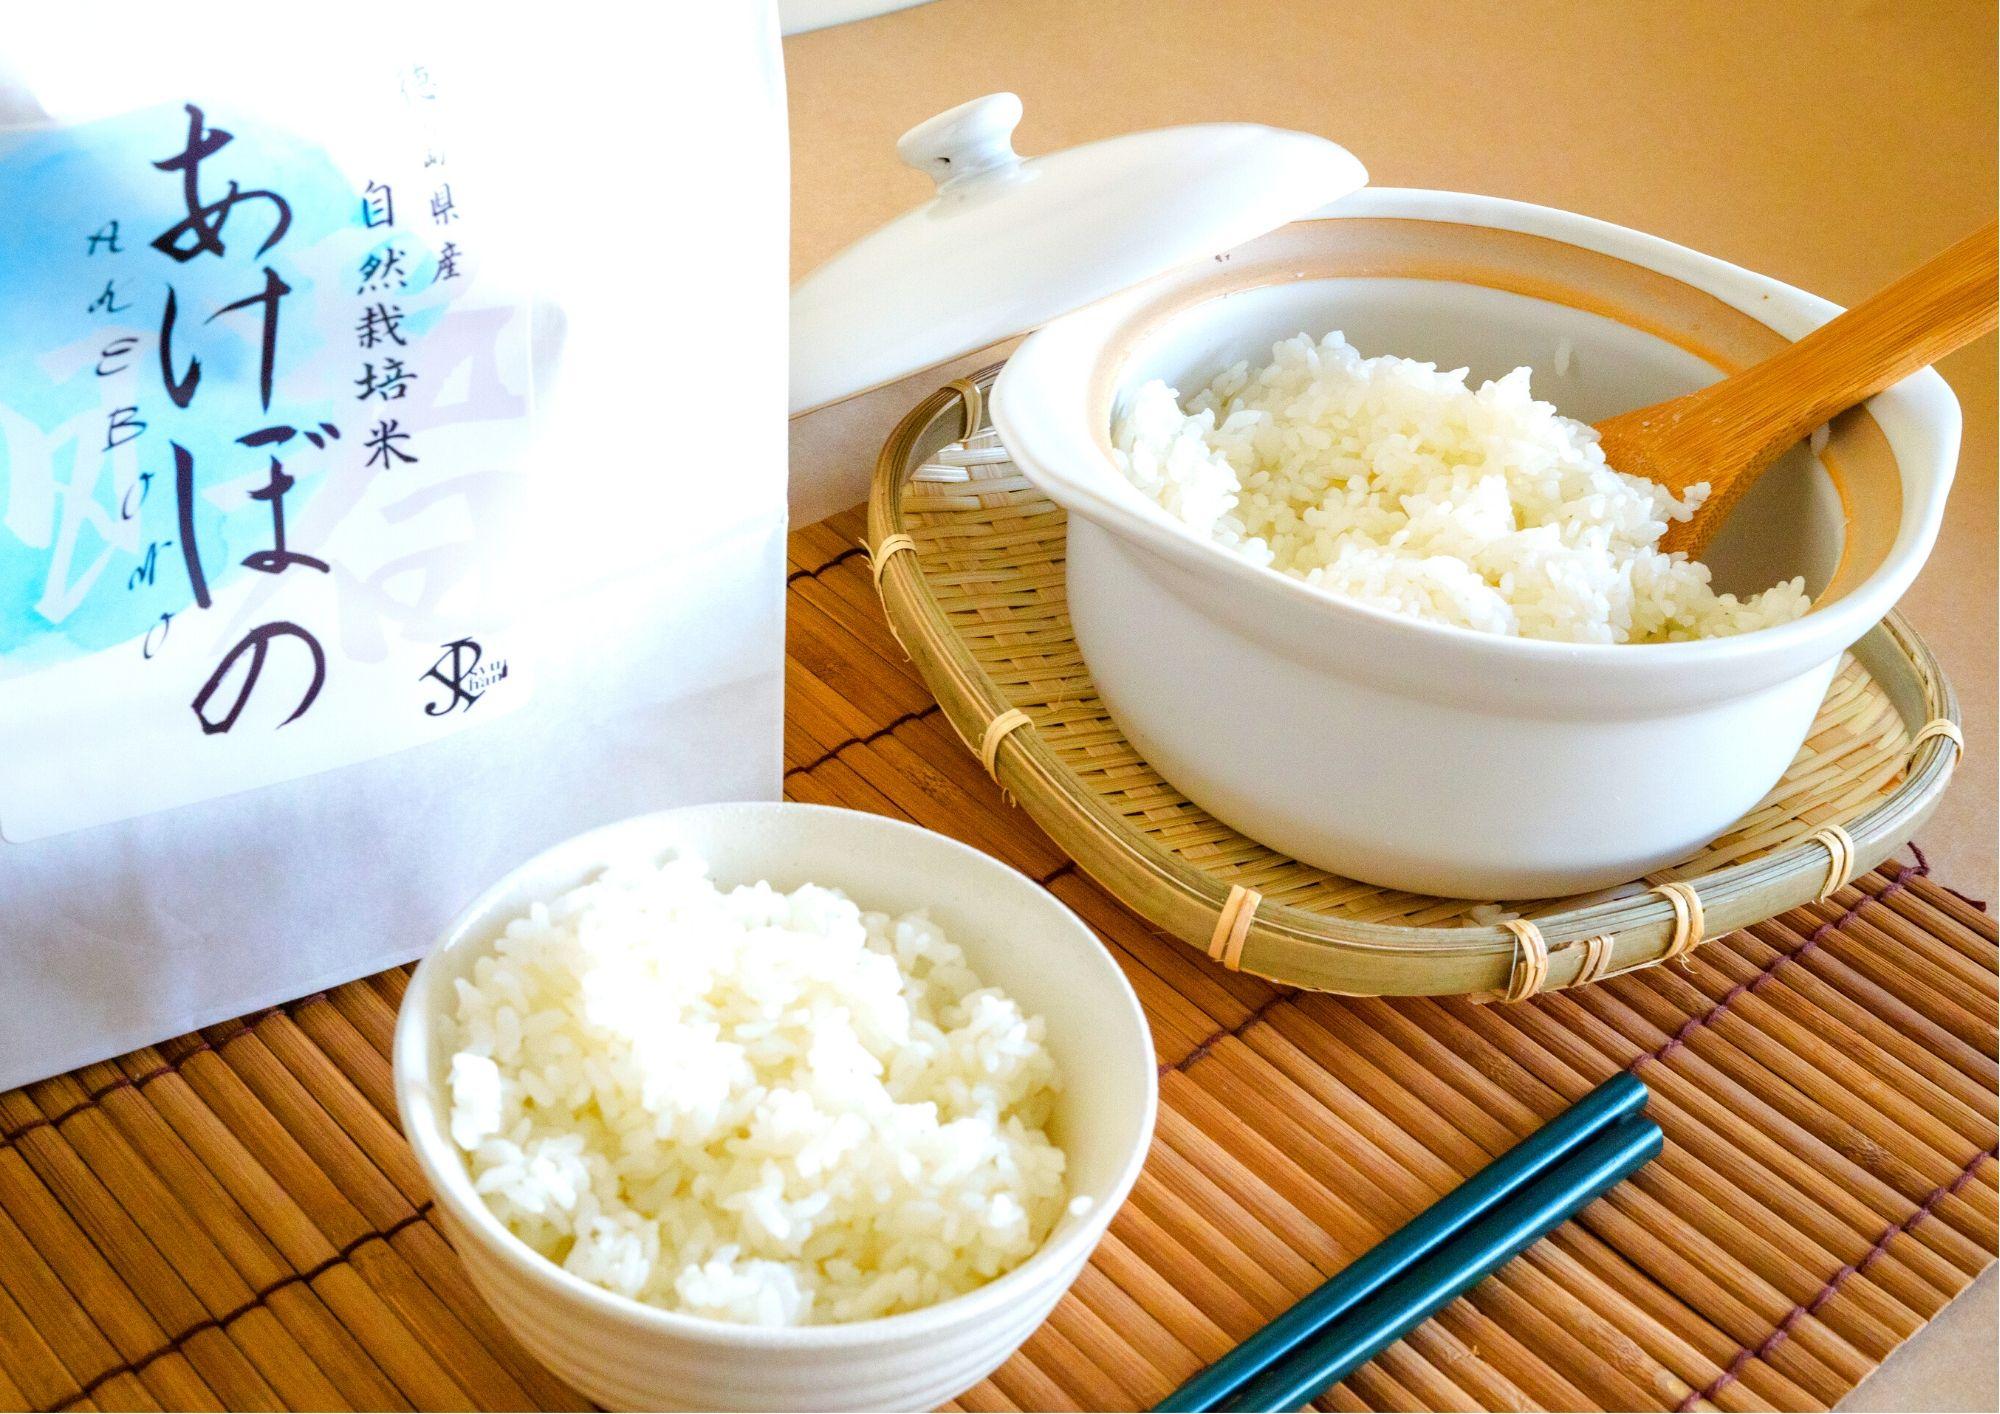 徳島県産のあけぼのの白米の写真